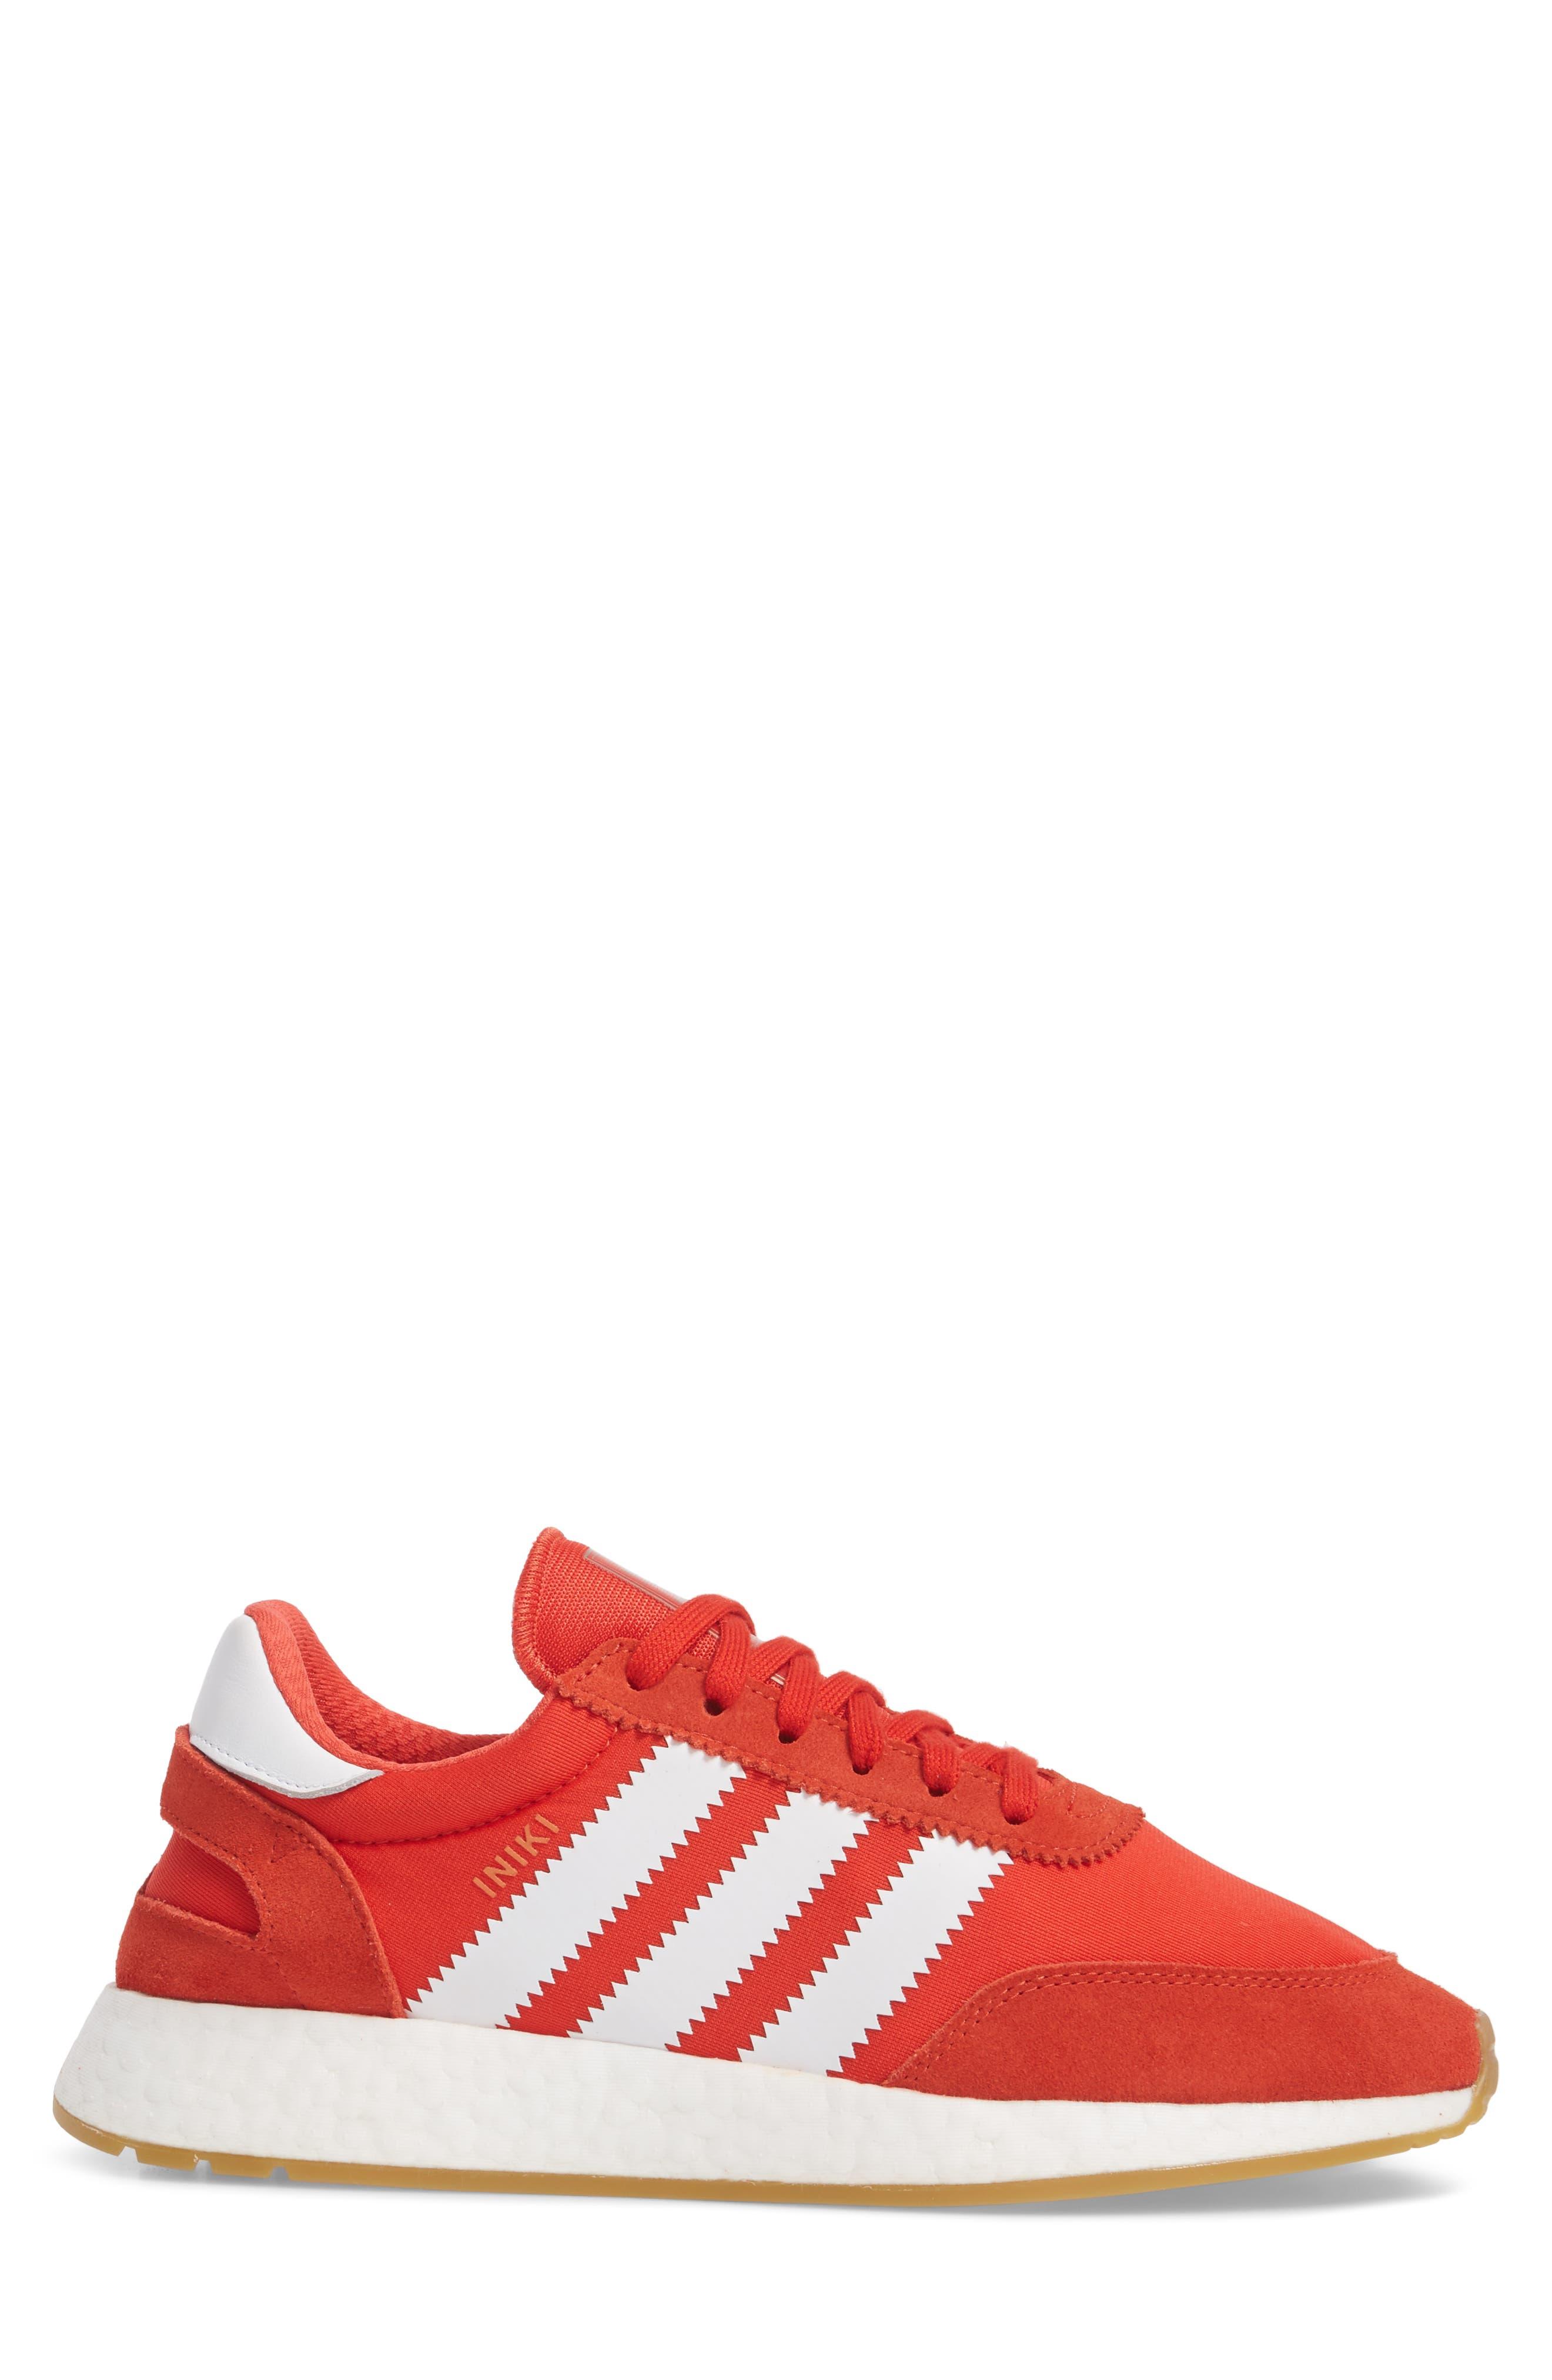 Iniki Running Shoe,                             Alternate thumbnail 3, color,                             Red/ White/ Gum